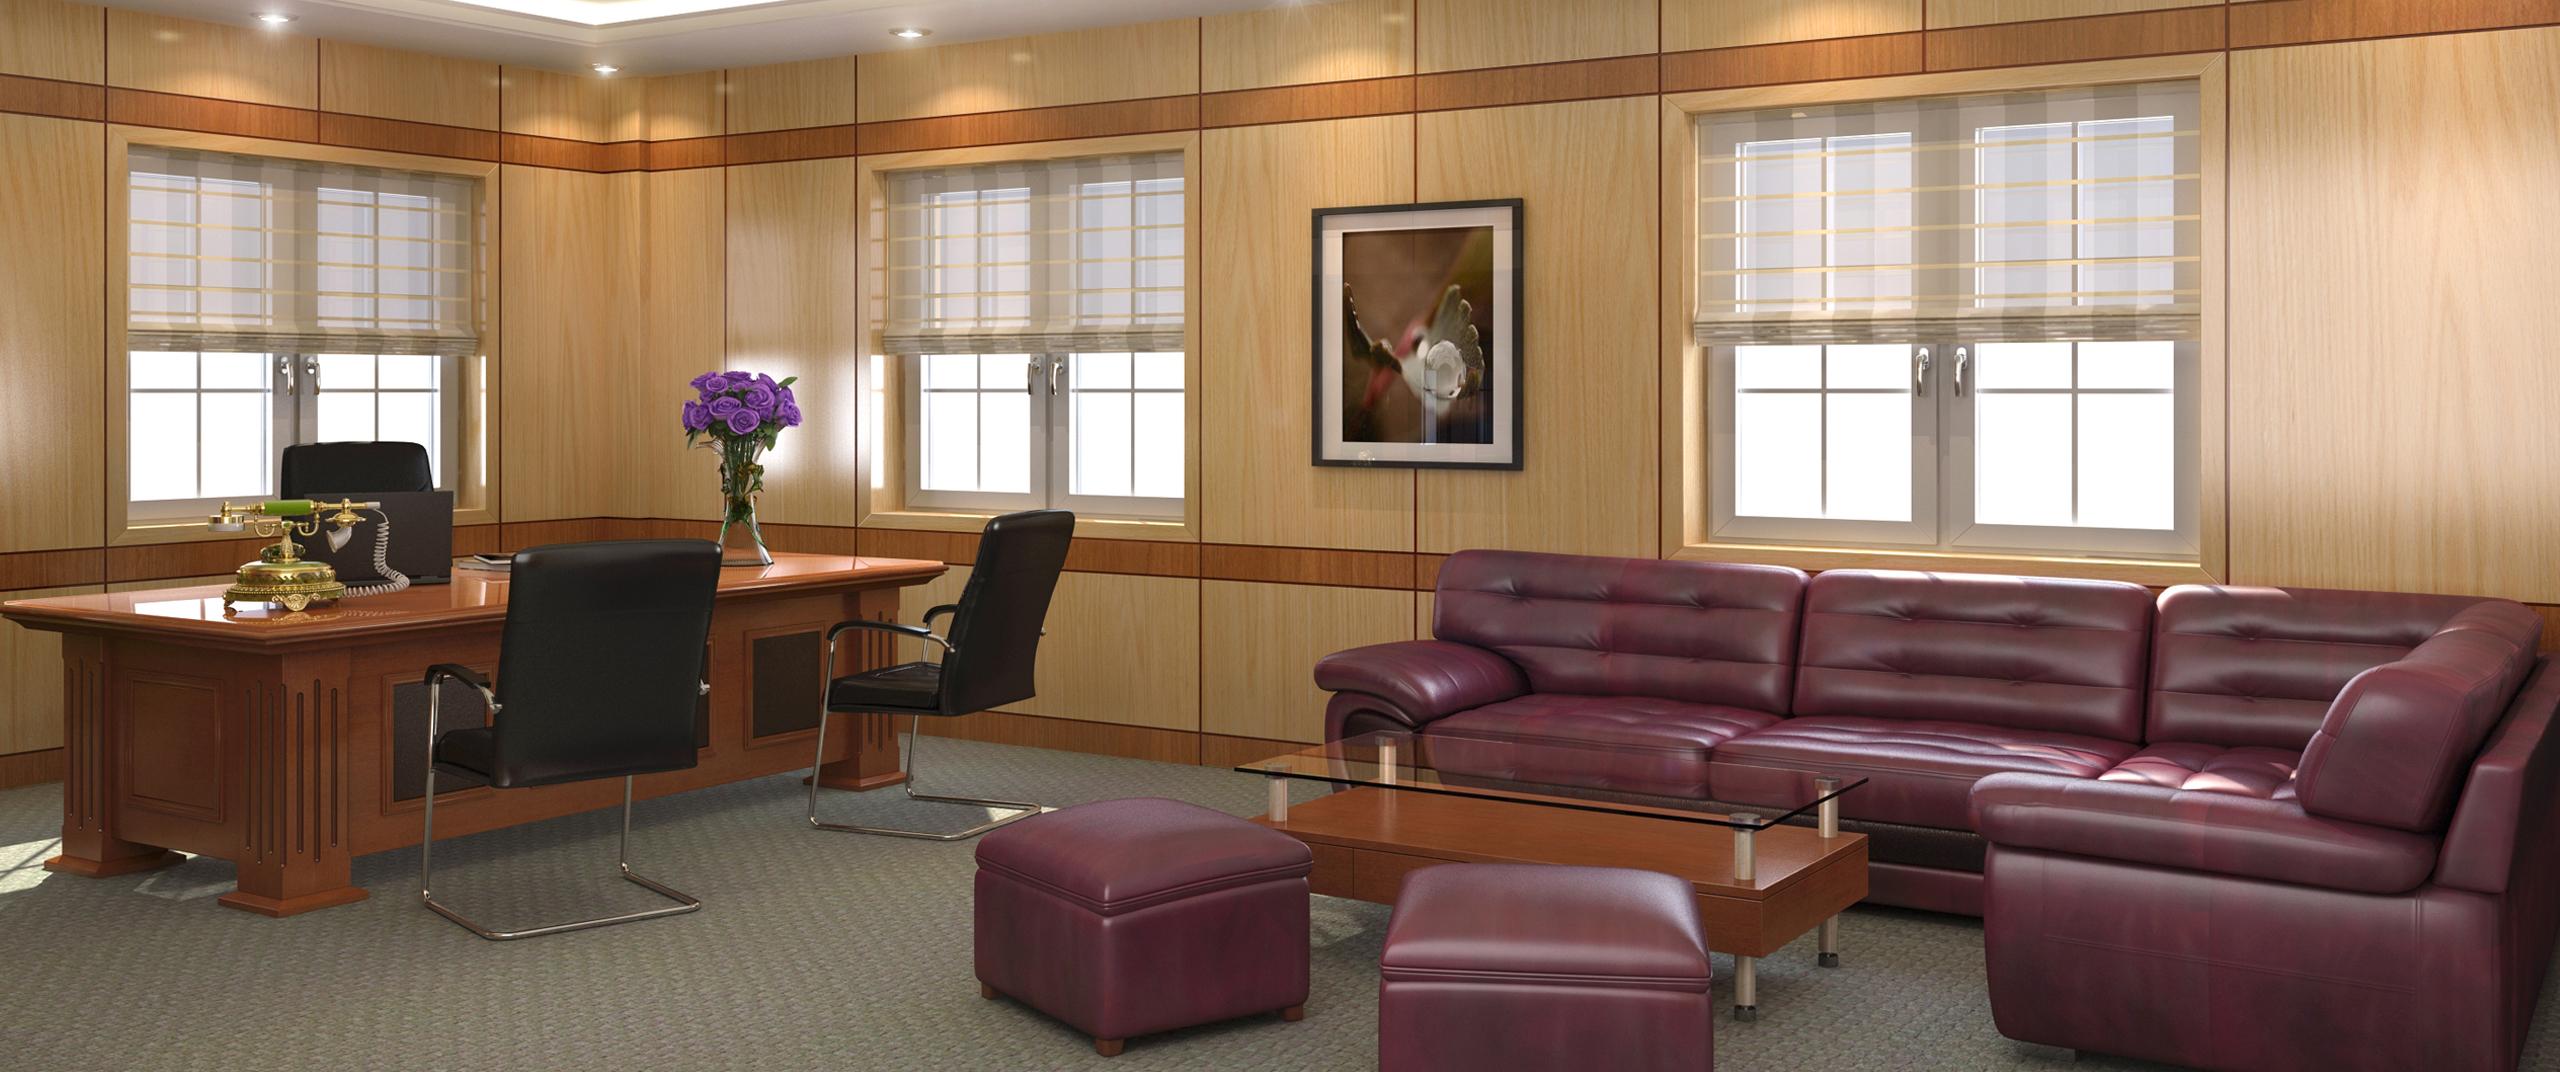 Phòng giám đốc đẹp